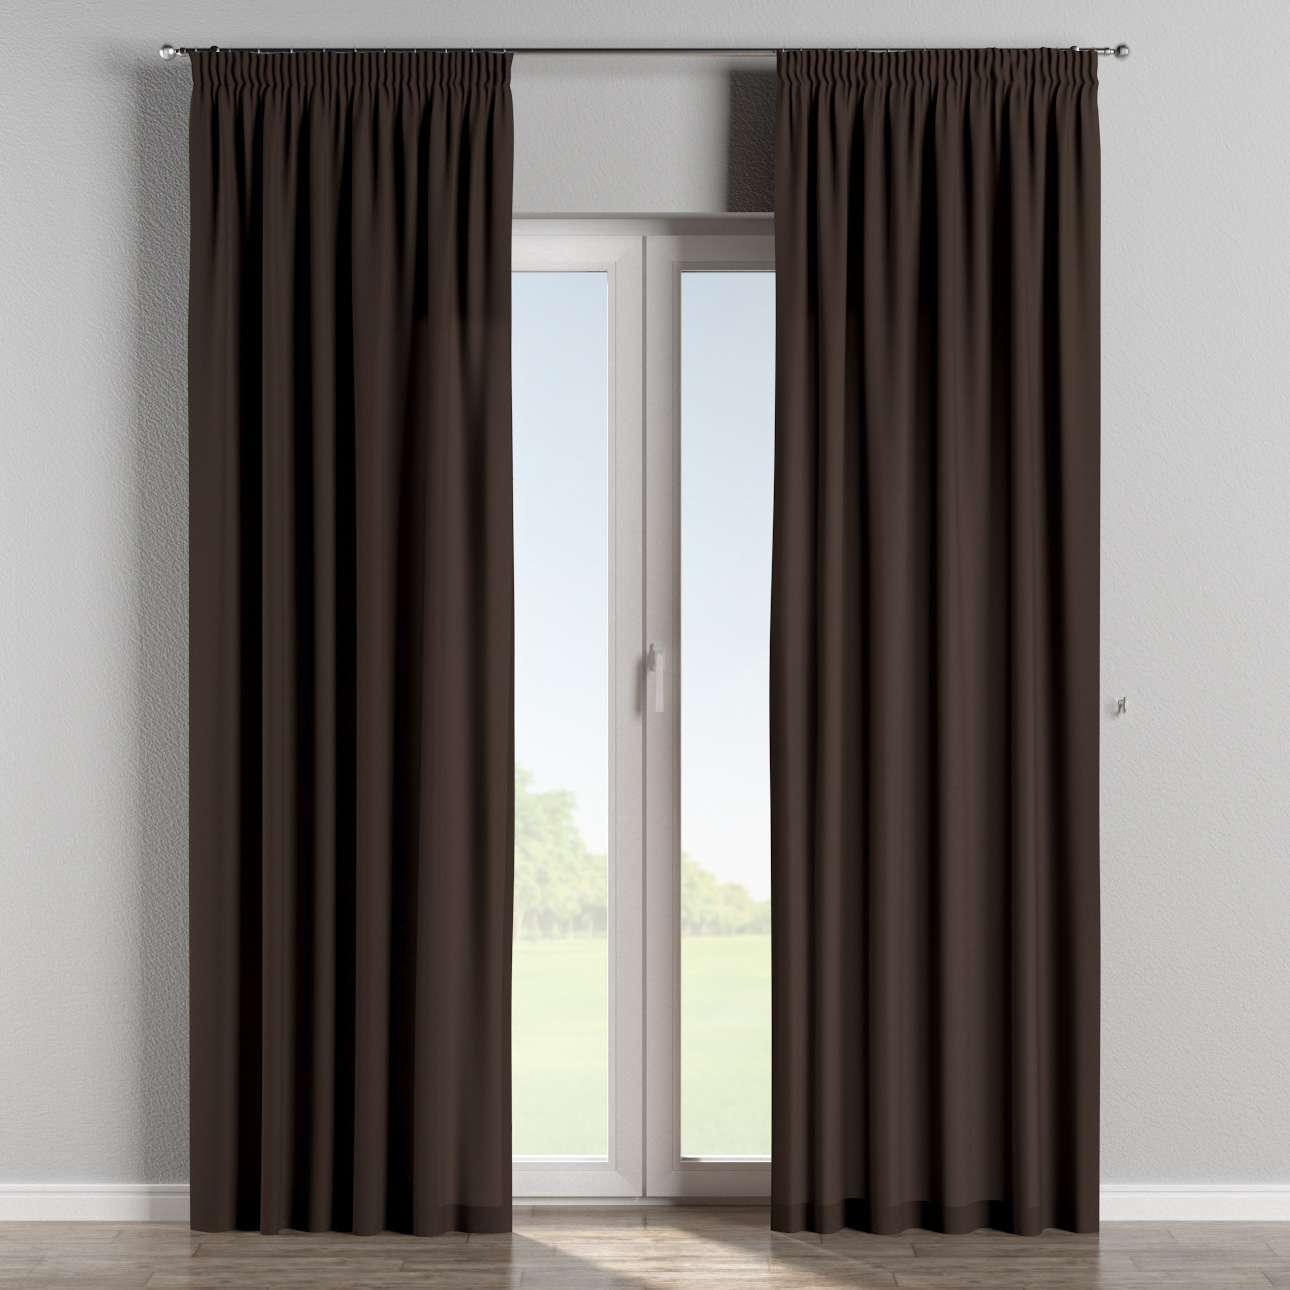 Vorhang mit Kräuselband 130 x 260 cm von der Kollektion Cotton Panama, Stoff: 702-03